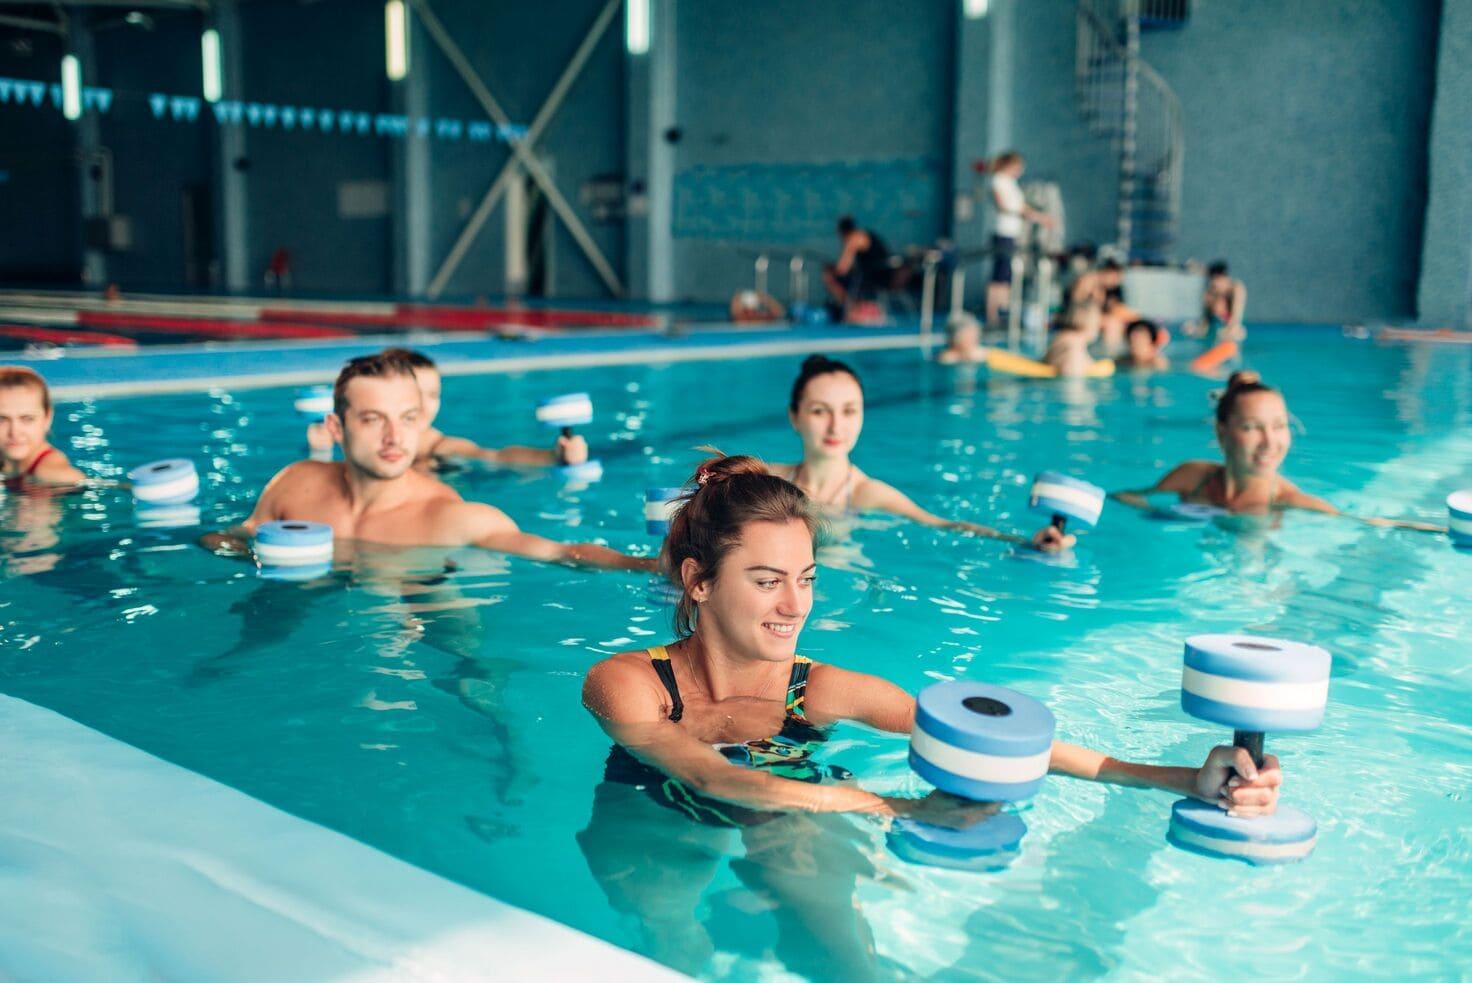 Dlaczego warto zapisać się na zajęcia aqua aerobik_